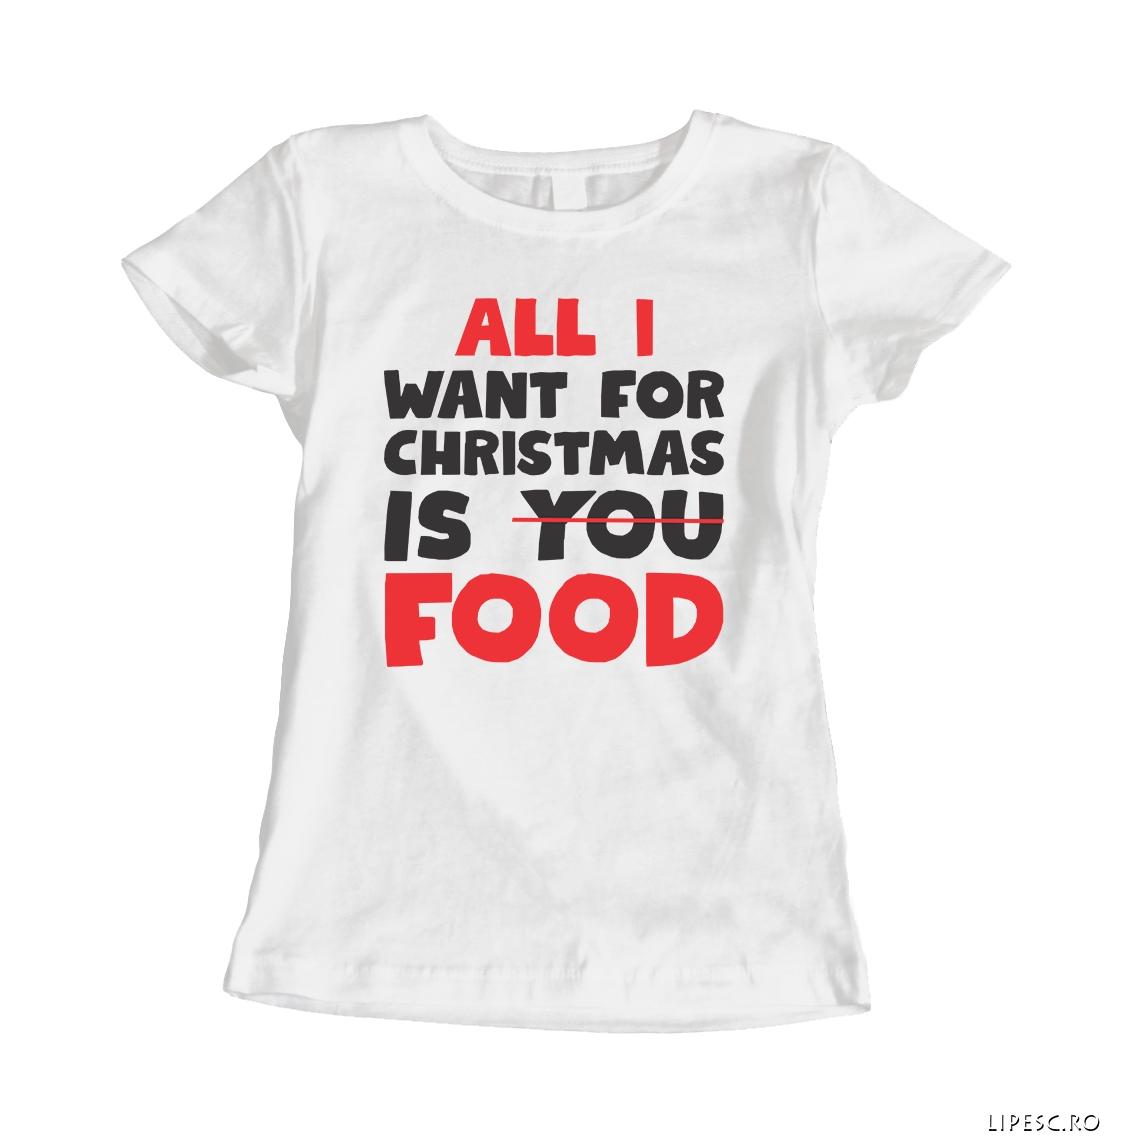 Tricou personalizat pentru Craciun